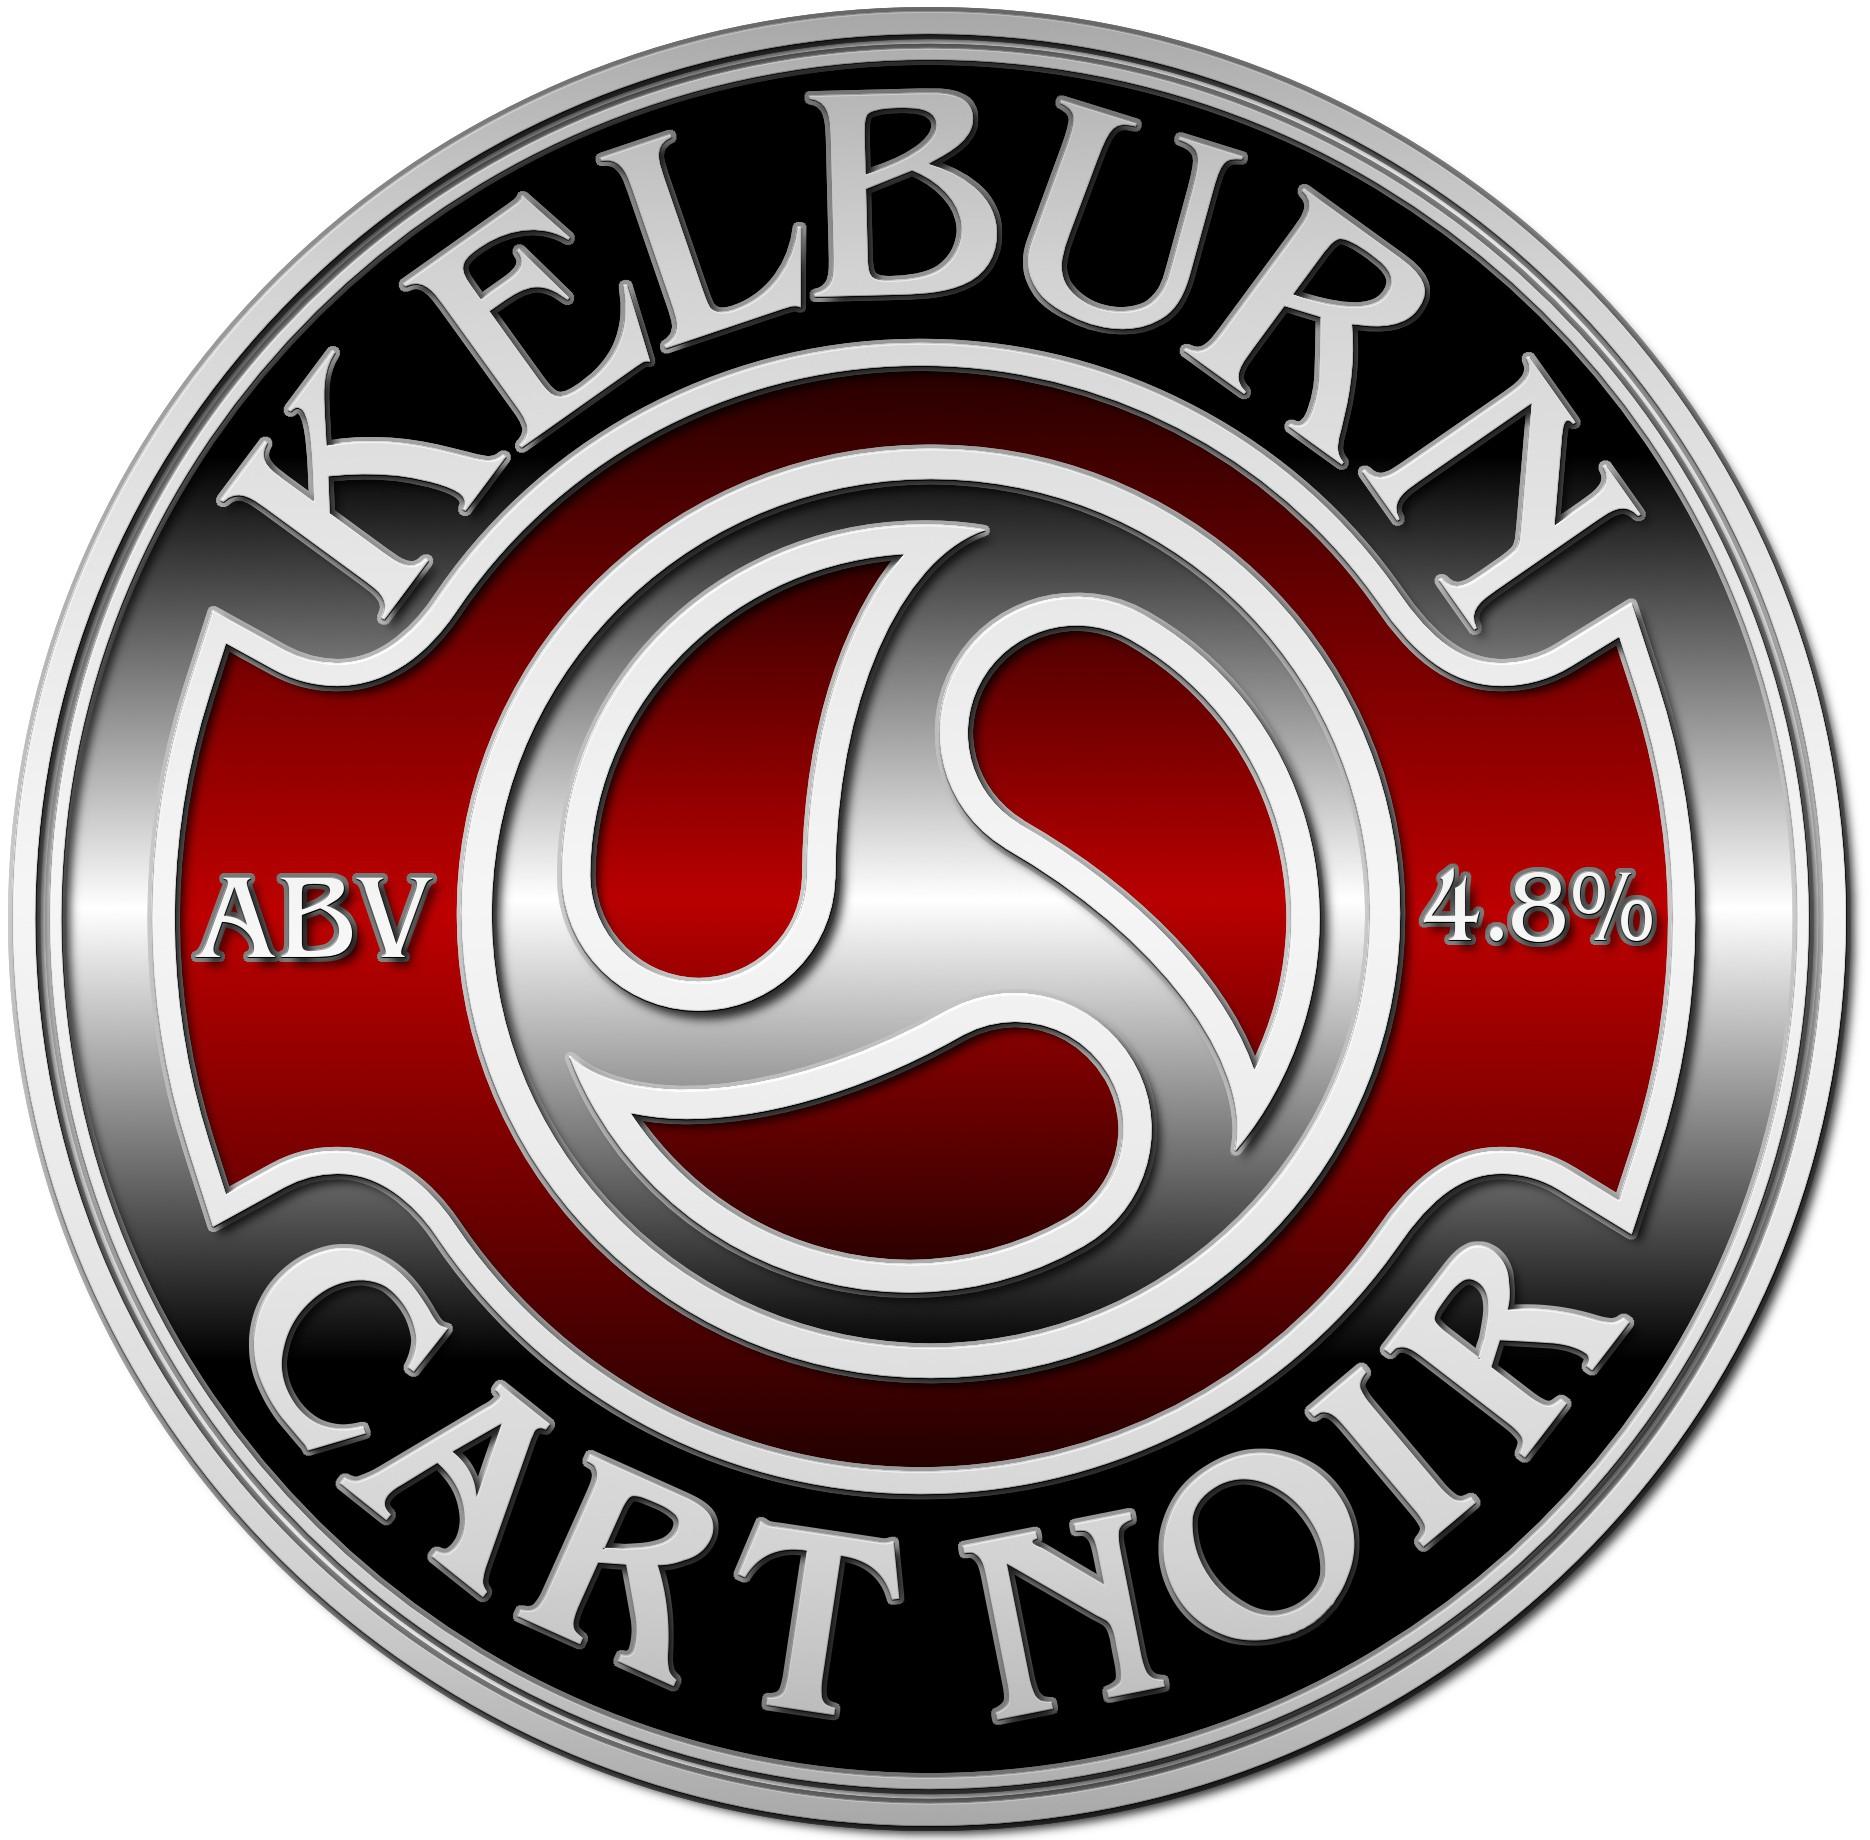 kelburn cart noir 1.1